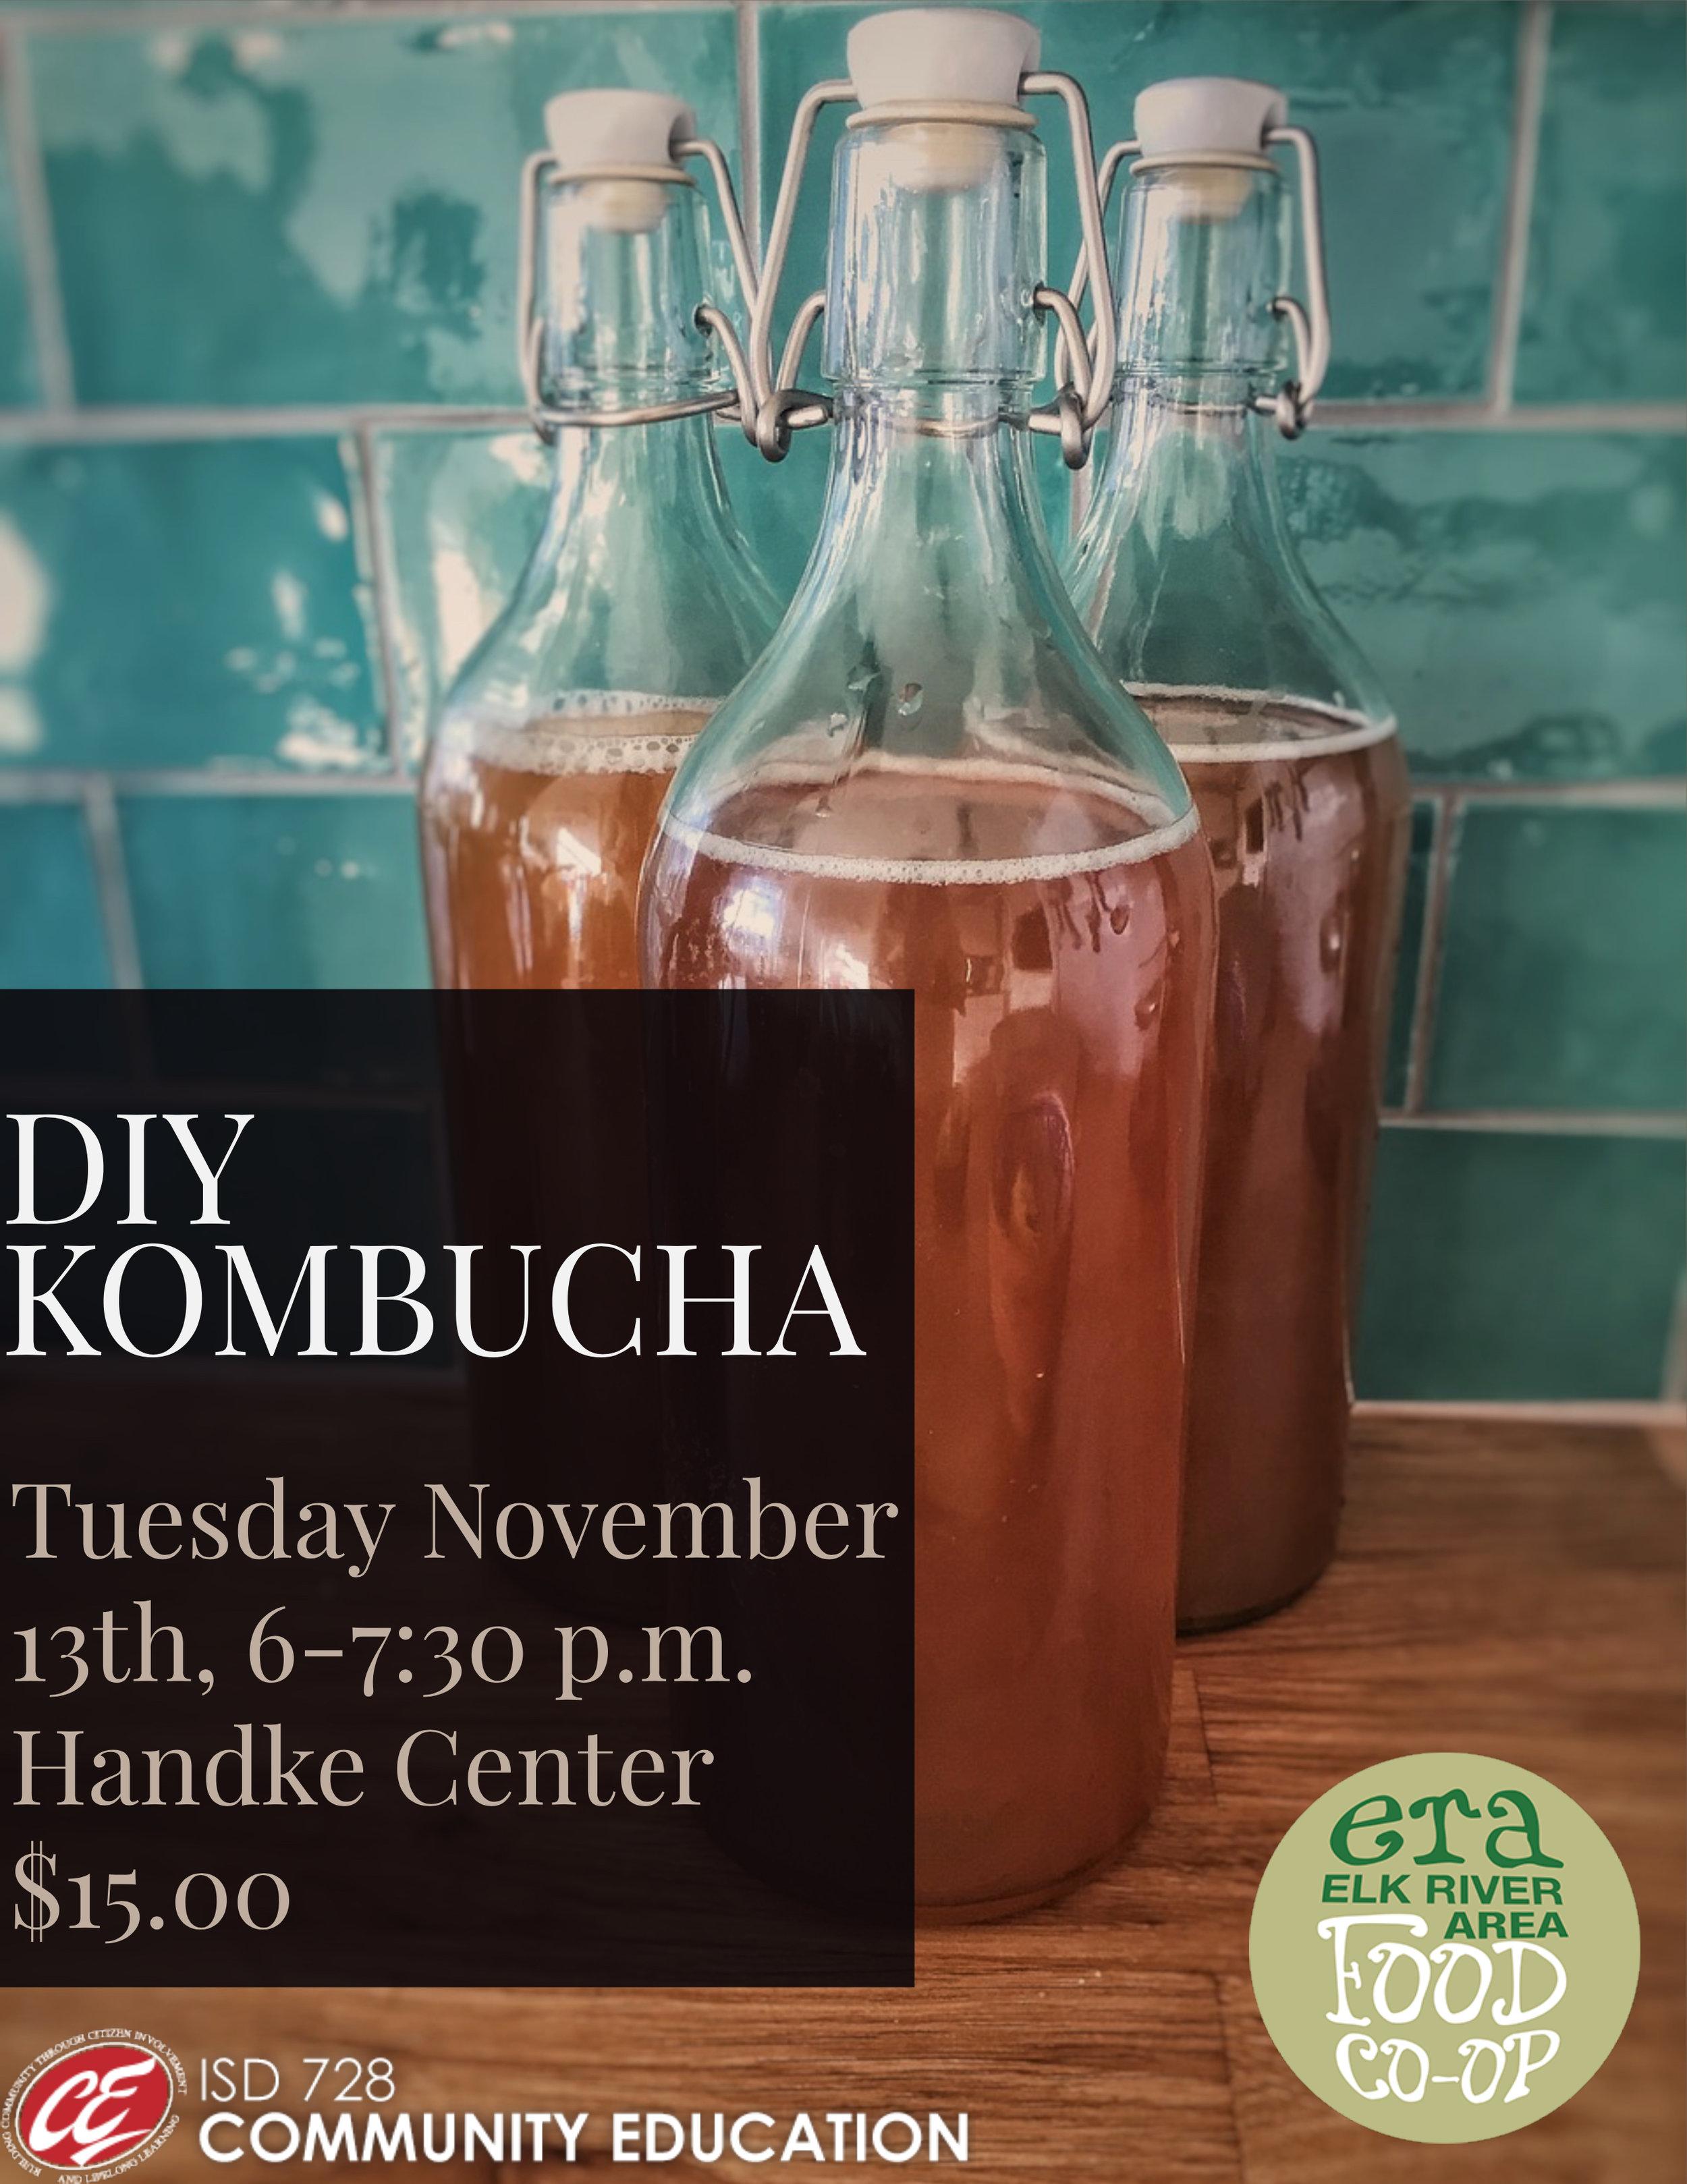 Elk River Area Food Co-op Community Class DIY Kombucha